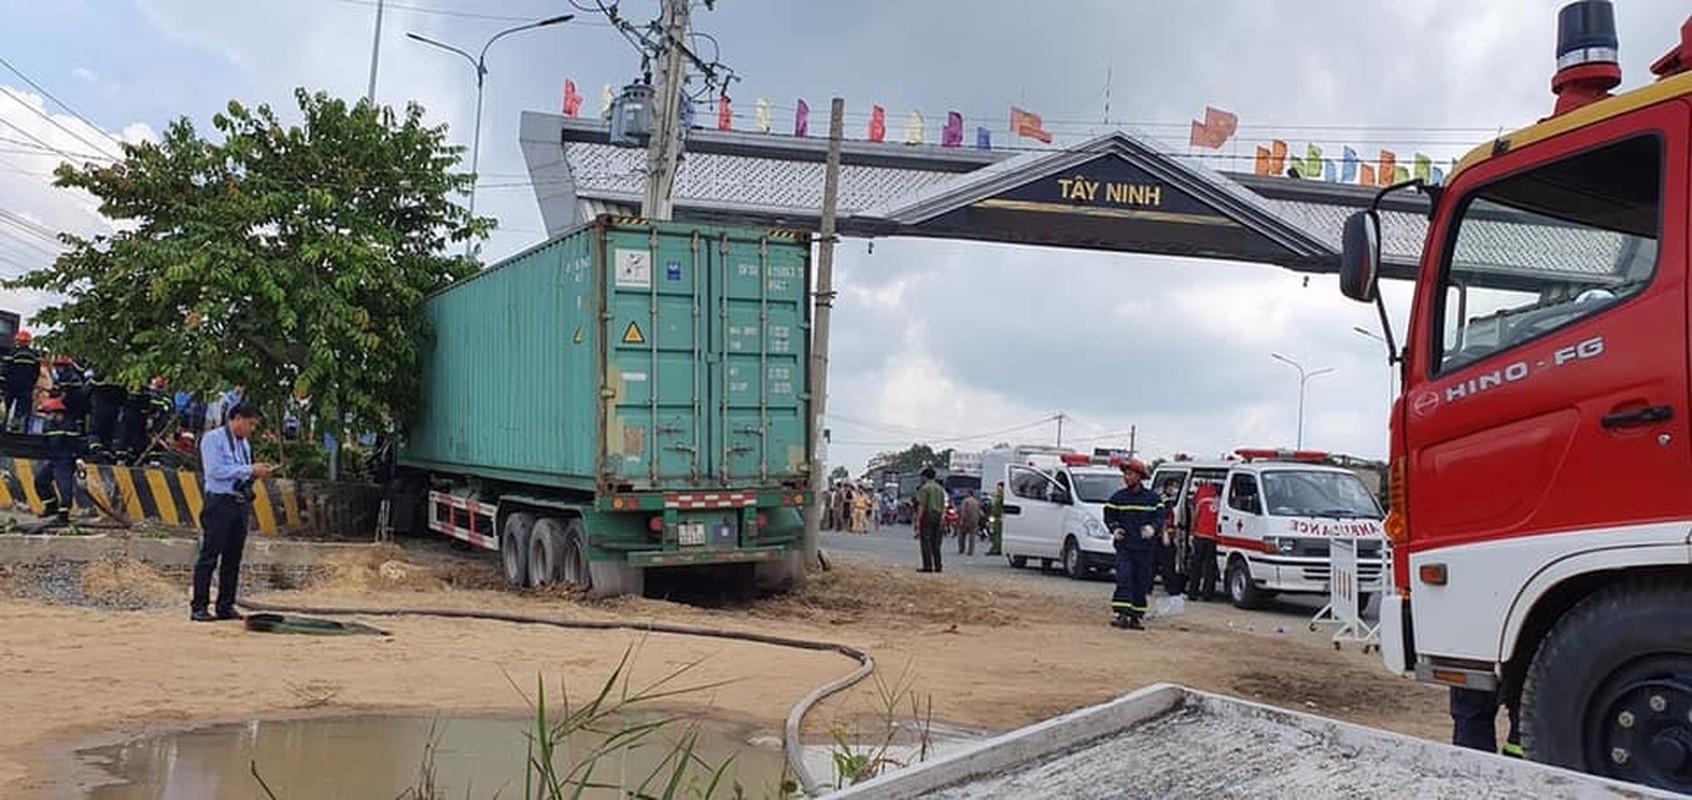 Nguyen nhan xe tai dam vao cho khien 5 nguoi tu vong-Hinh-9